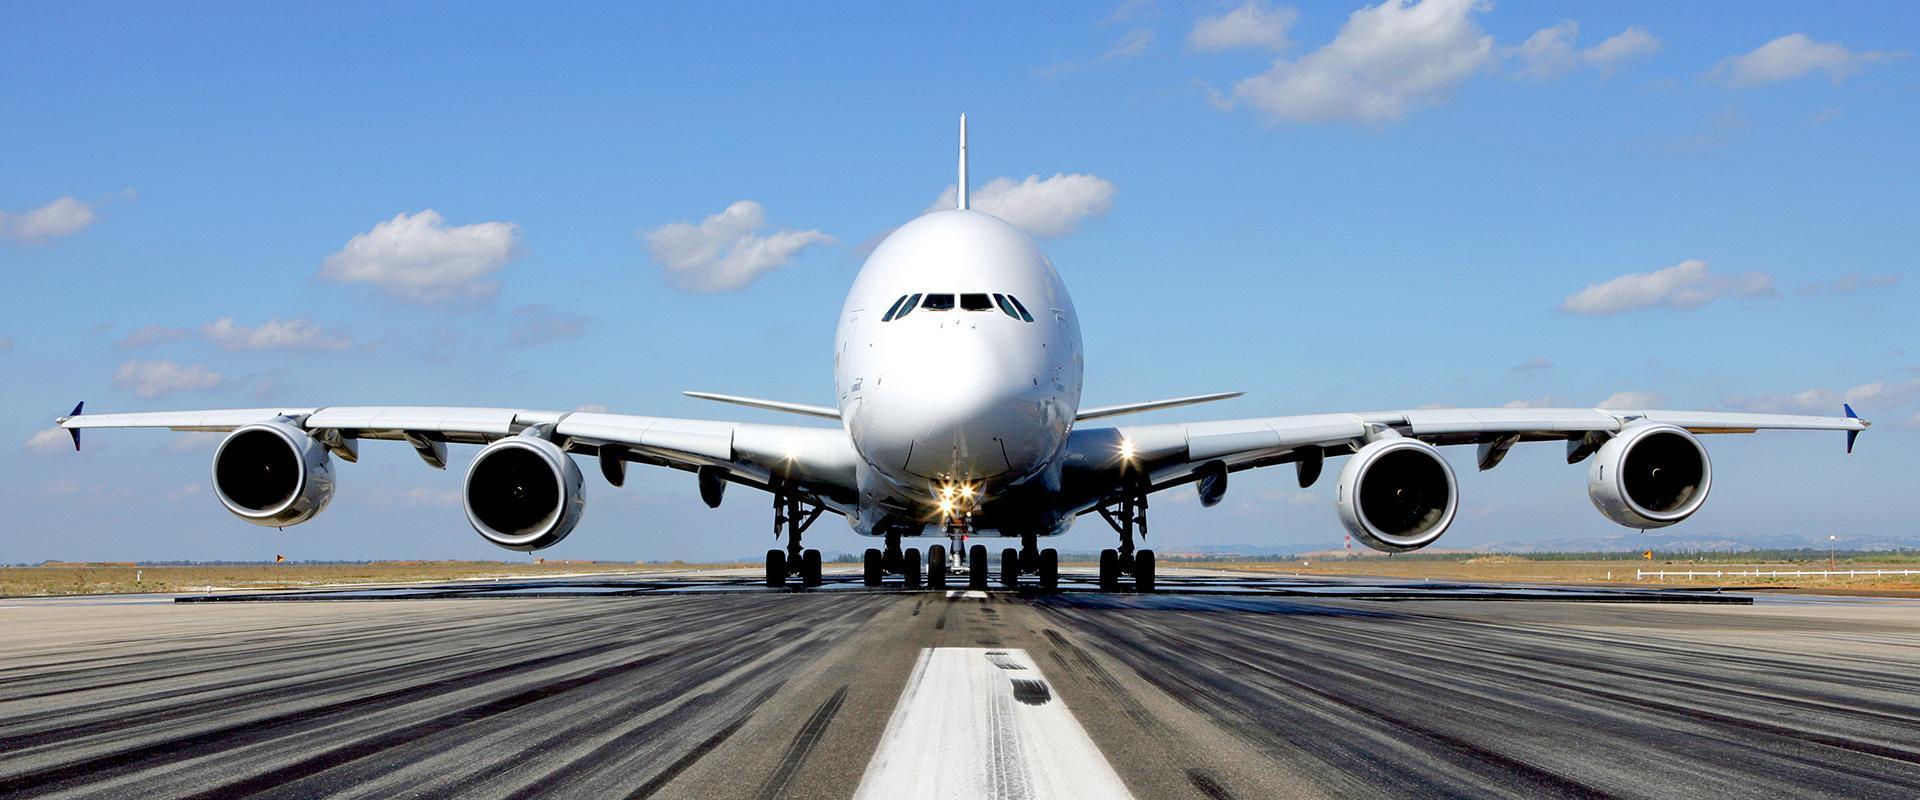 Toulouse capitale mondiale de l'aéronautique